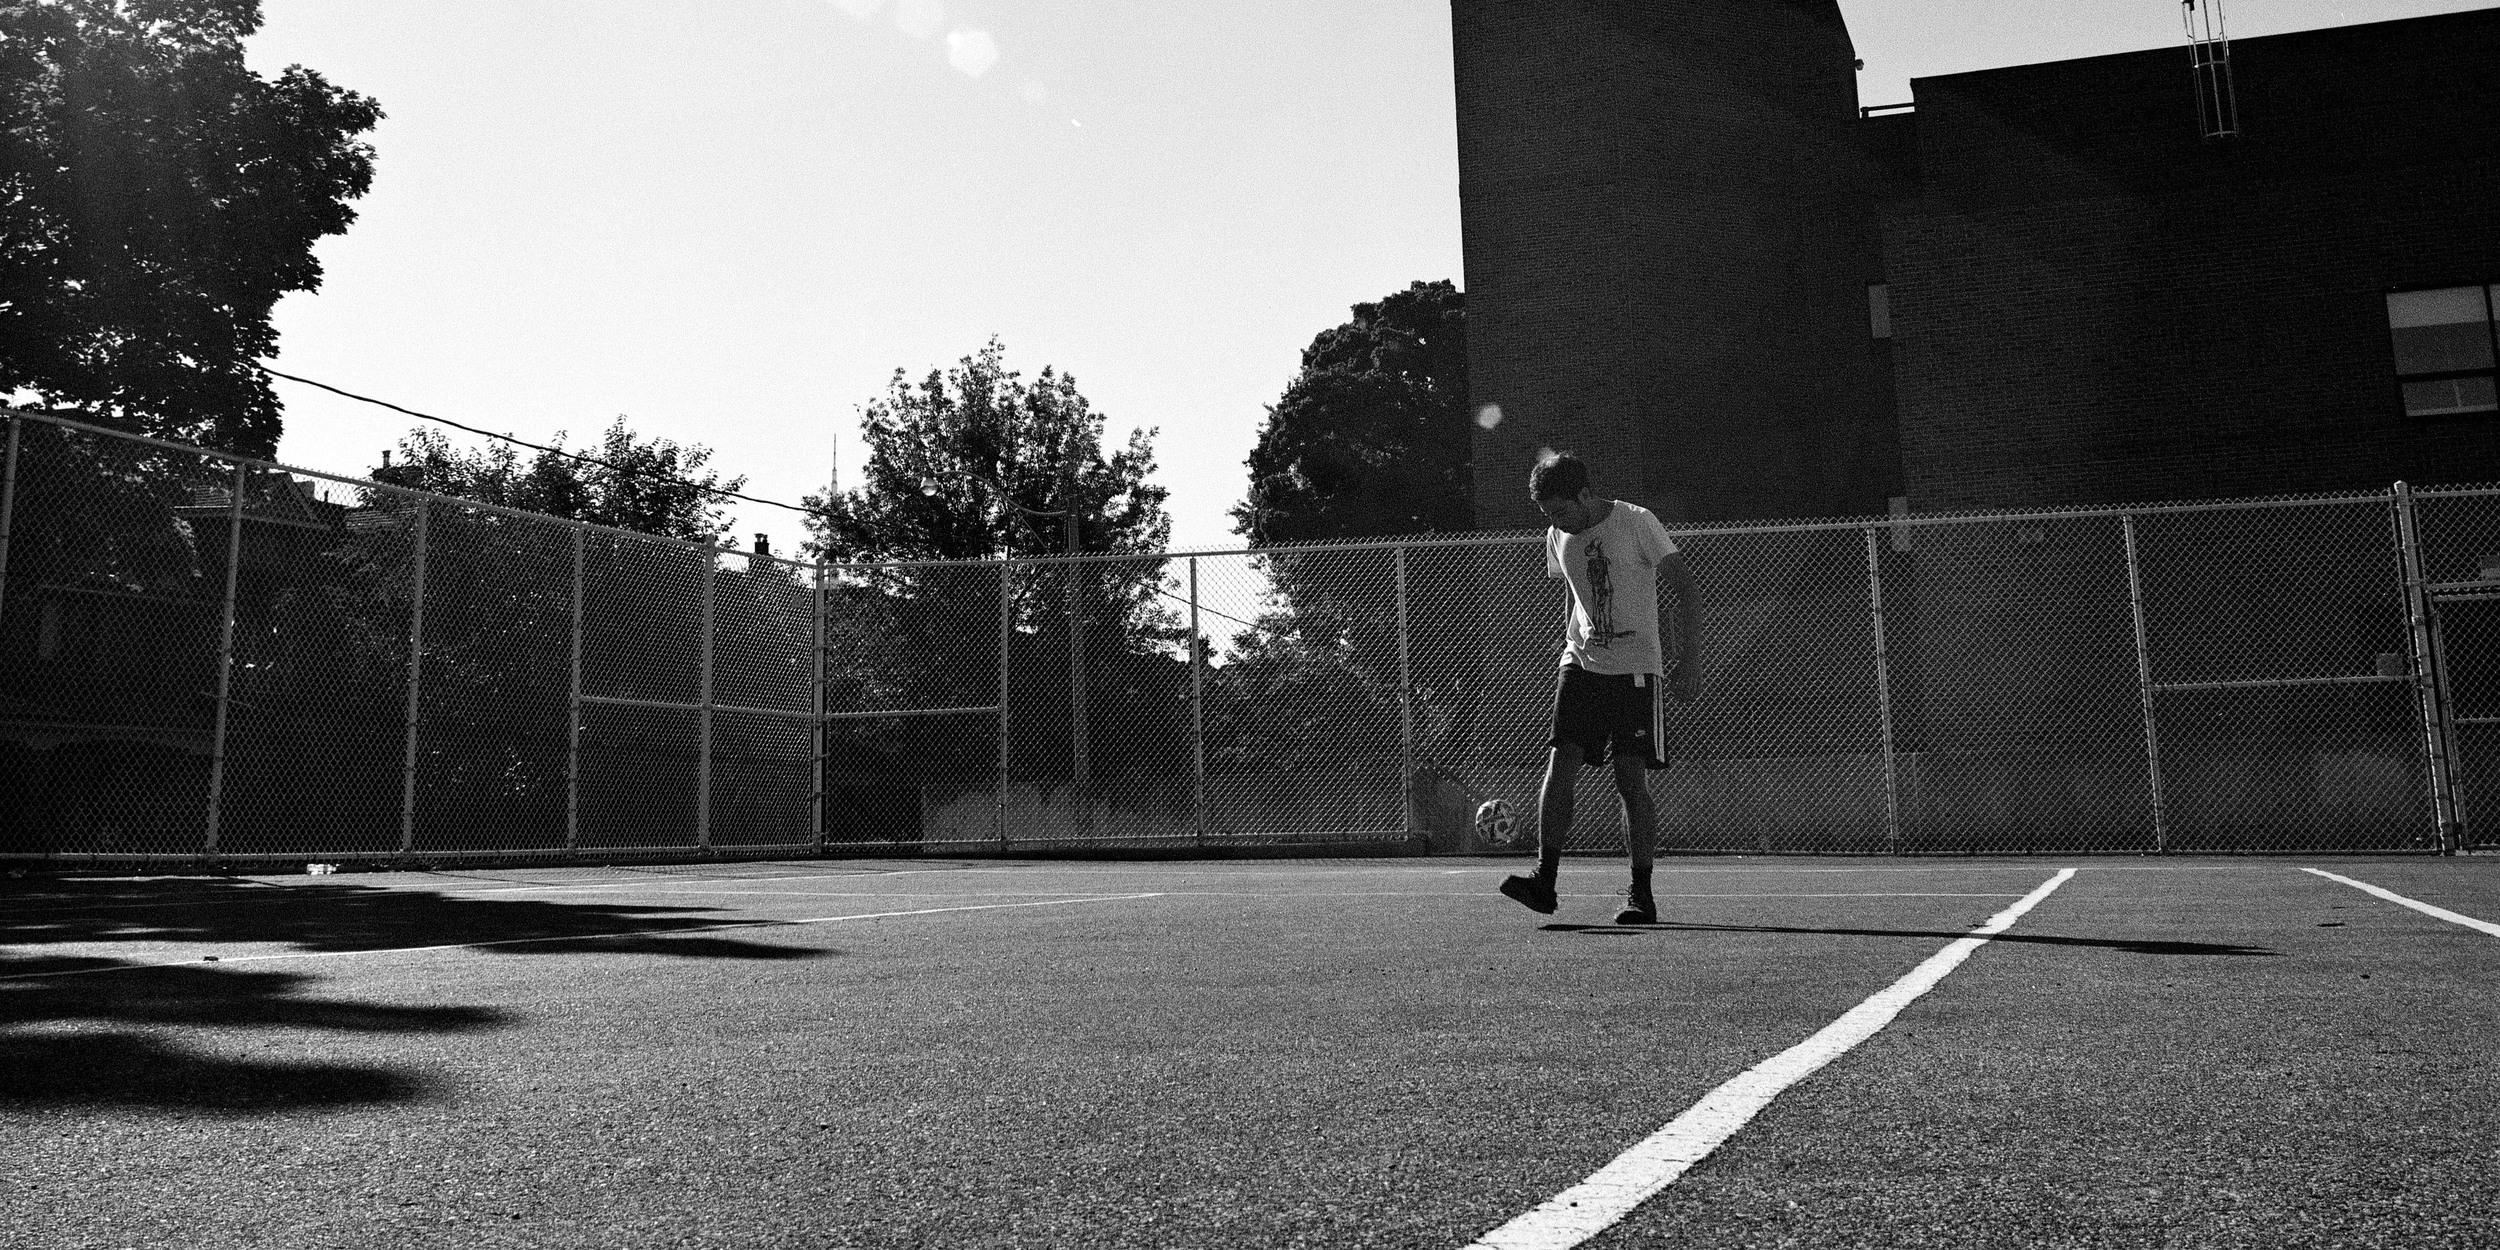 chinlone-toronto-lauren-ashmore-tennis-court-photography-film-120-kodak